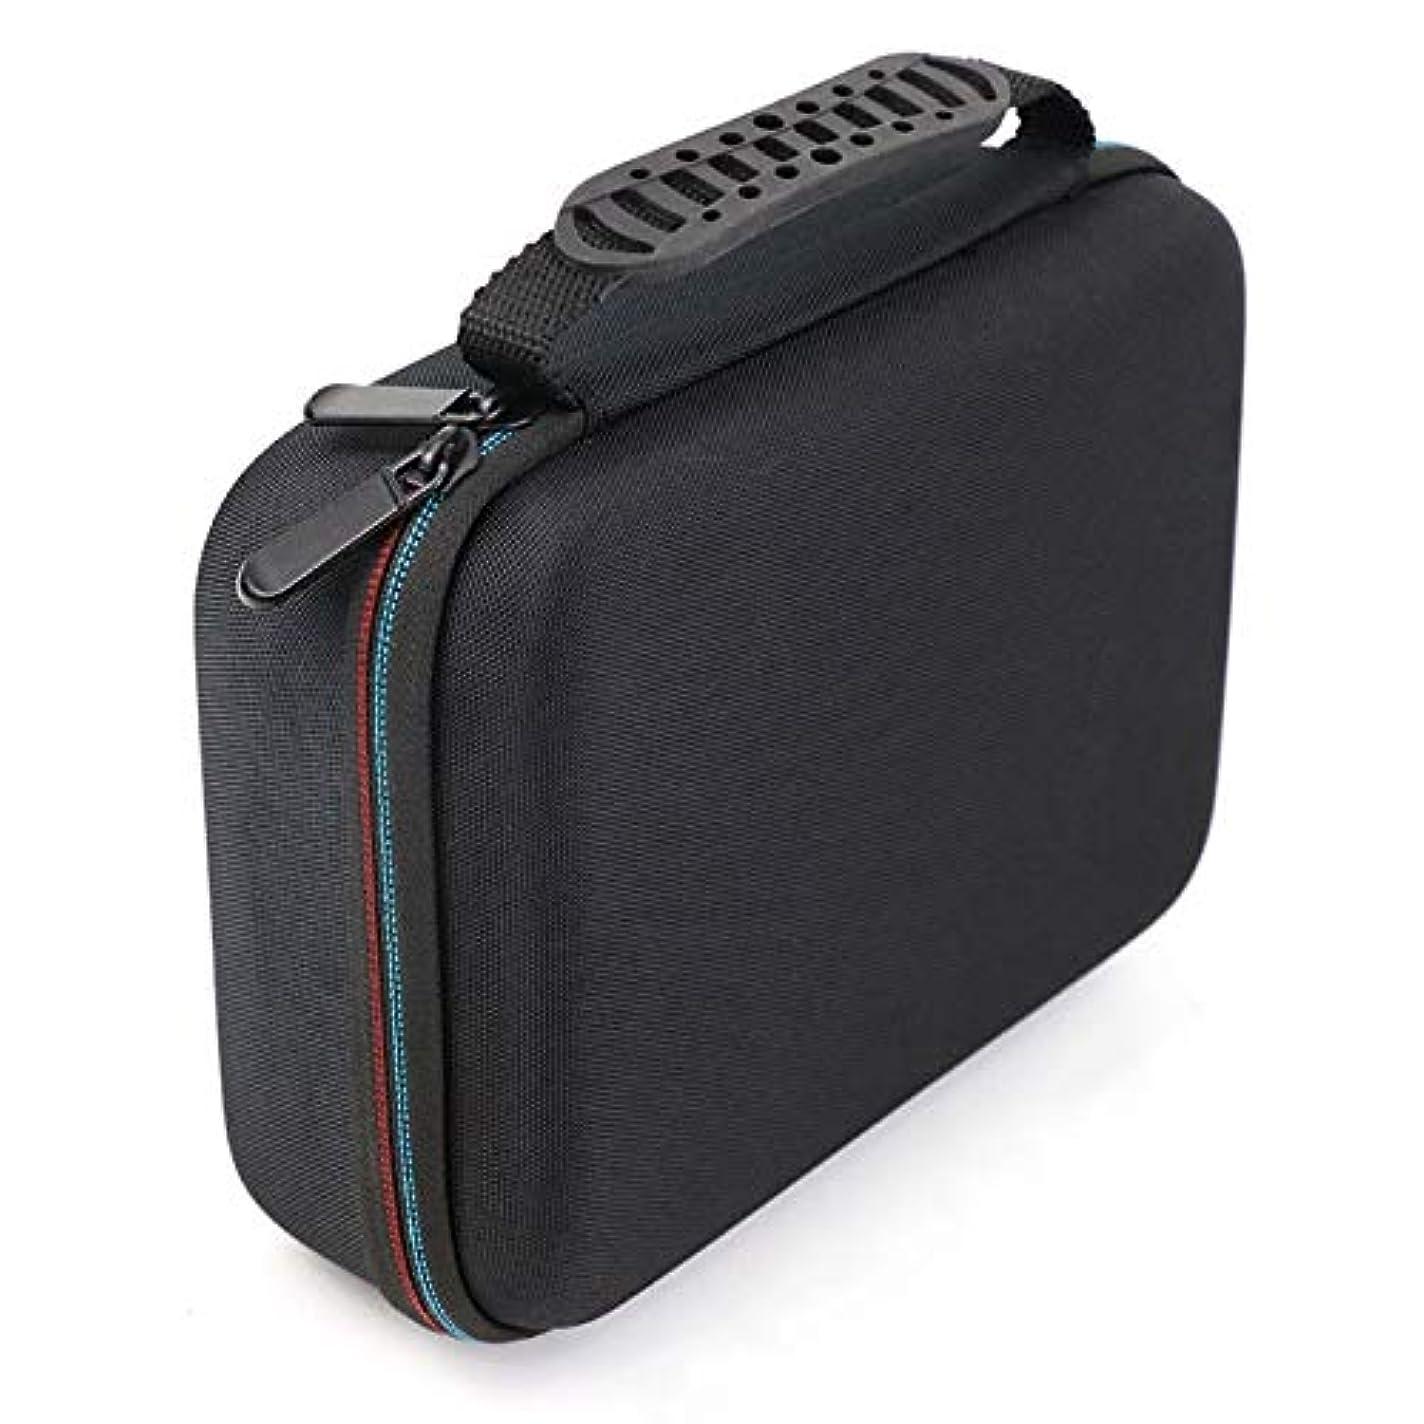 実質的にレッスン喪ACAMPTAR バリカンの収納ケース、携帯用ケース、耐衝撃バッグ、シェーバーのキット、Evaハードケース、収納バッグ、 Mgk3020/3060/3080用